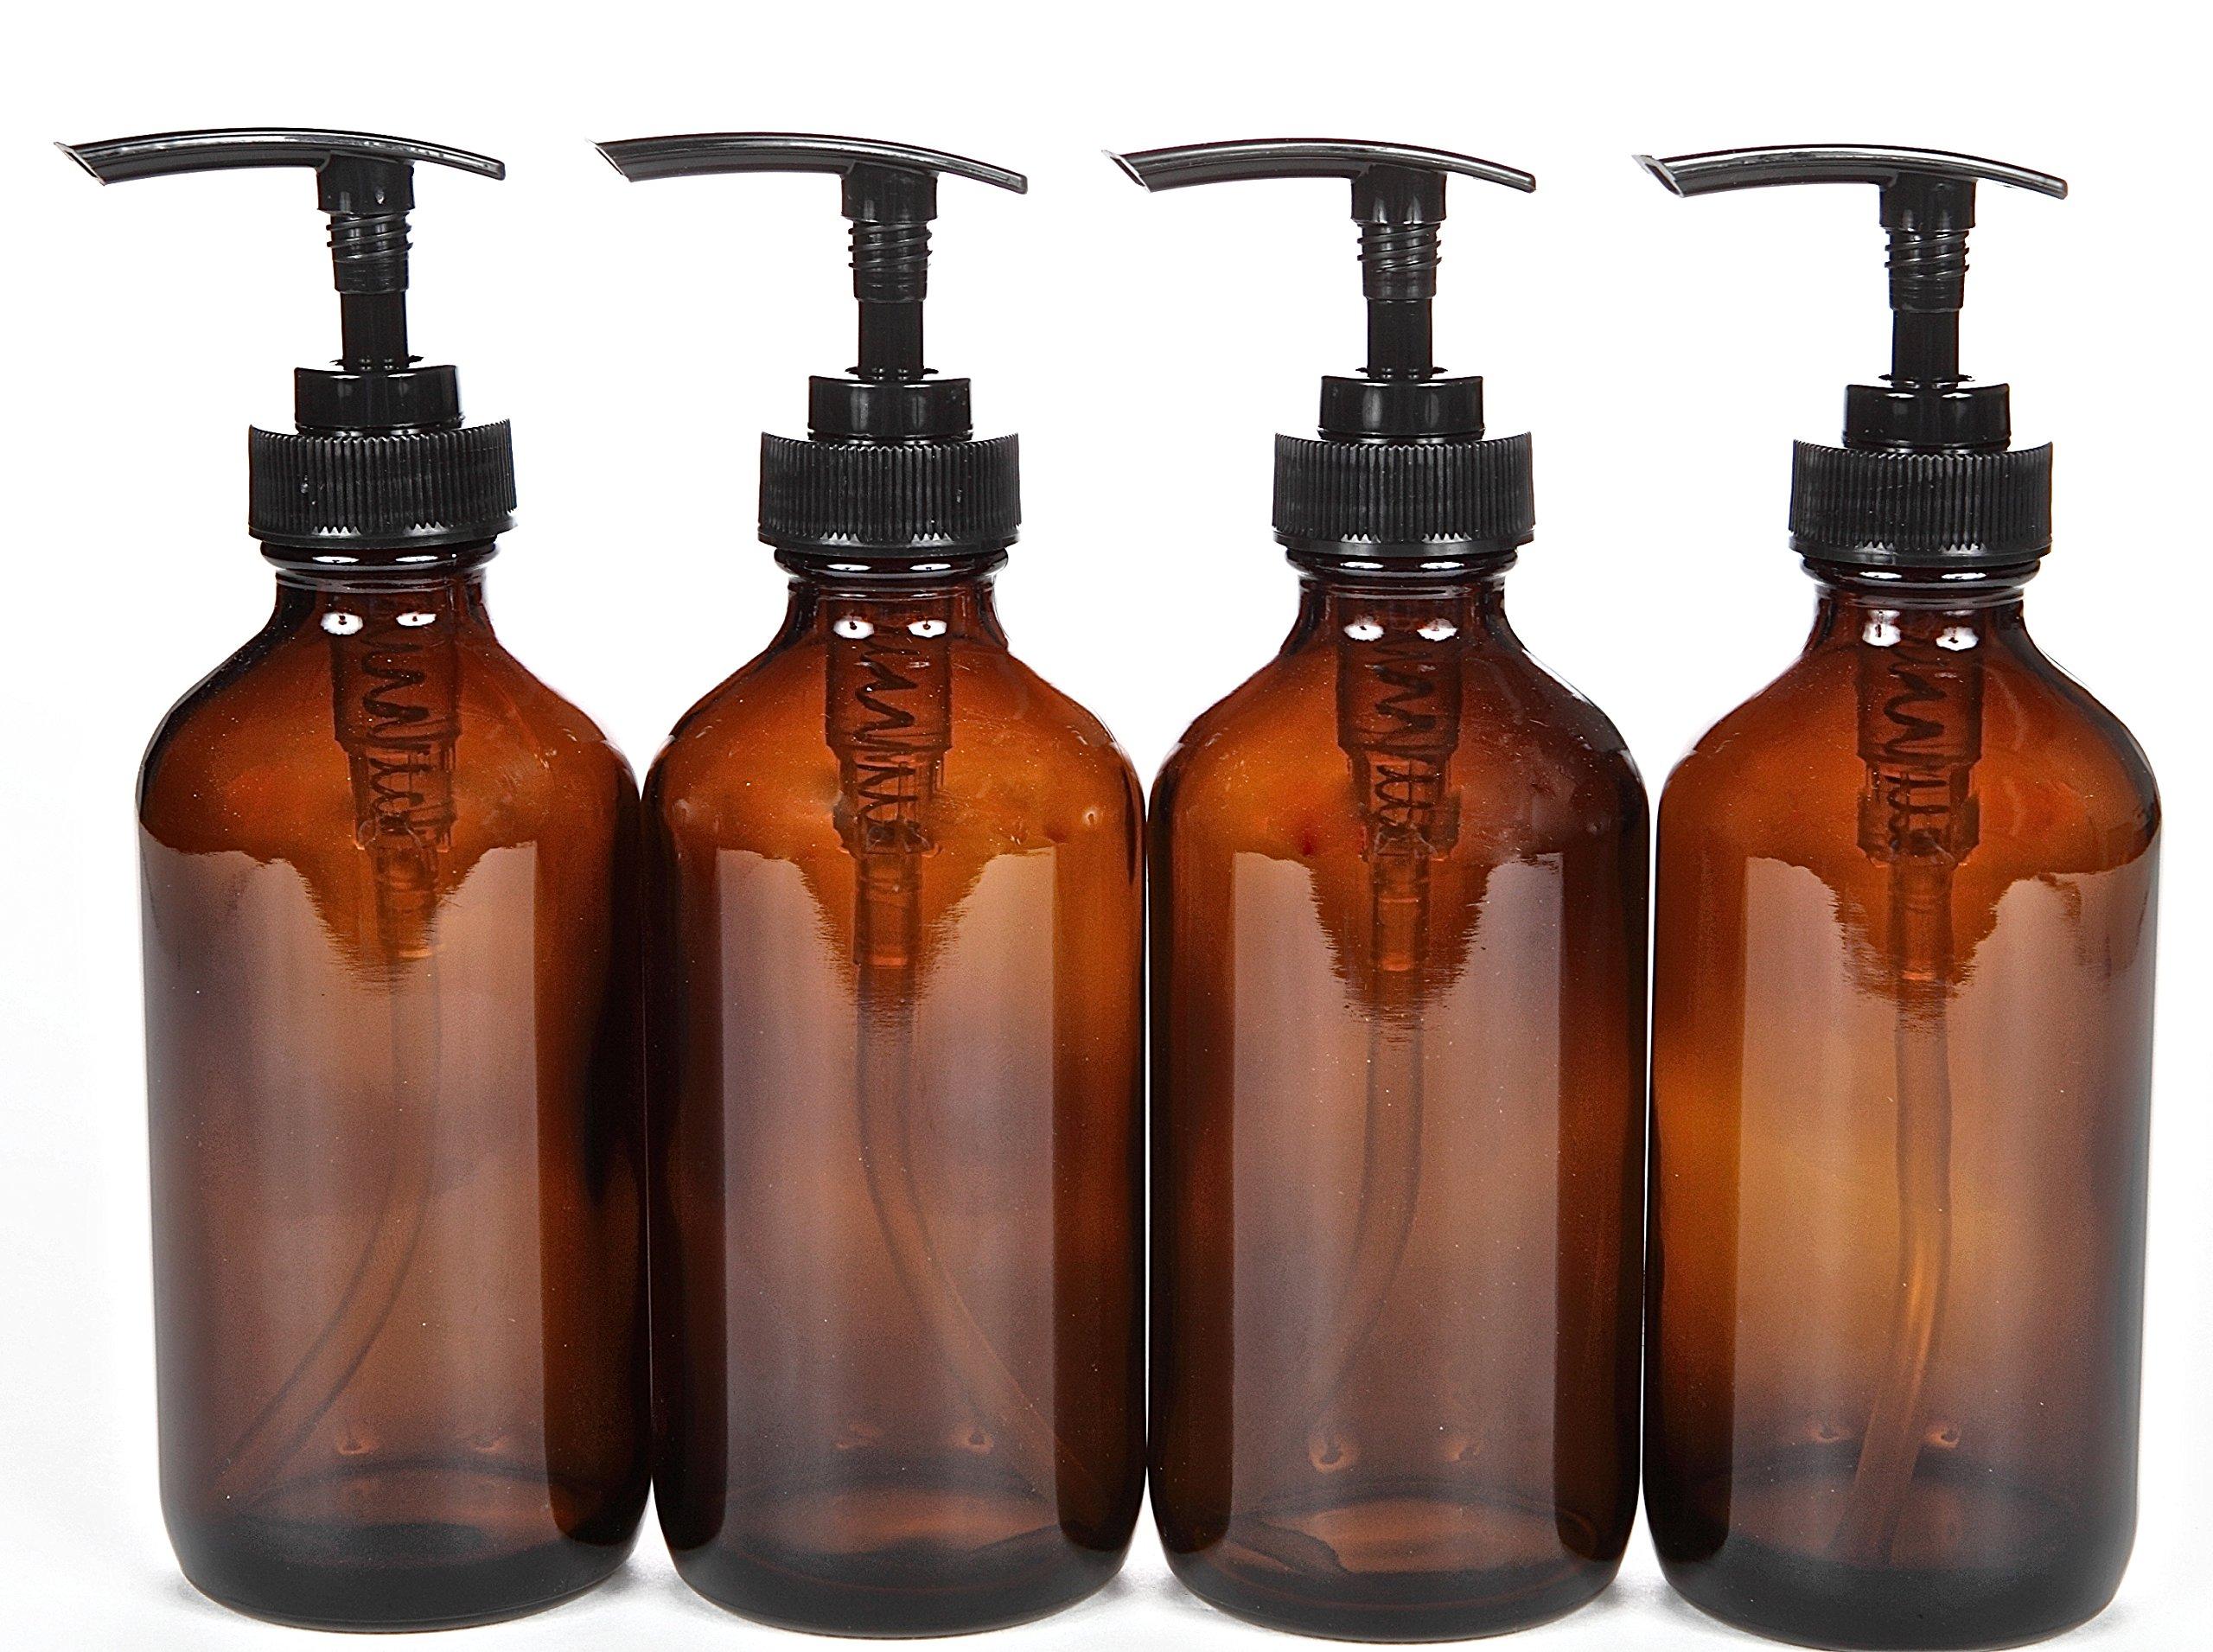 Vivaplex, 4, Large, 8 oz, Empty, Amber Glass Bottles with Black Lotion Pumps